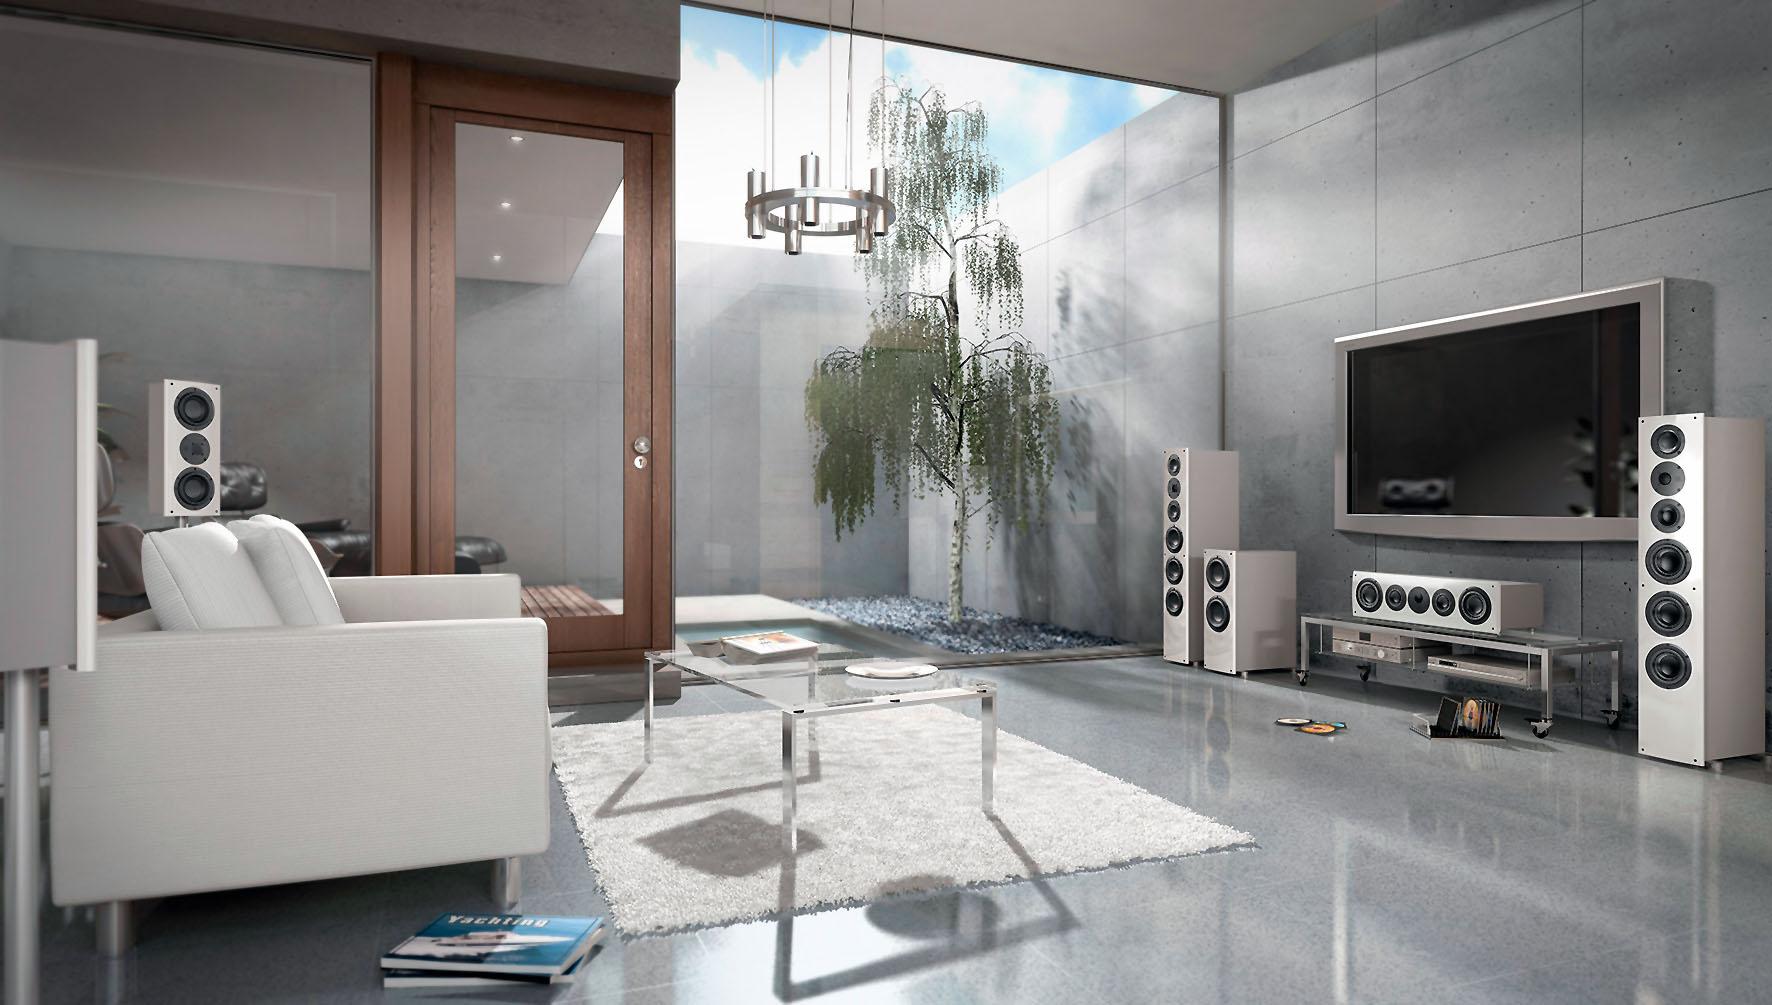 Hi-Fi Surroundsysteme, individuell abgestimmt auf den jeweiligen Raum, sorgen für besondere Klangerlebnisse.